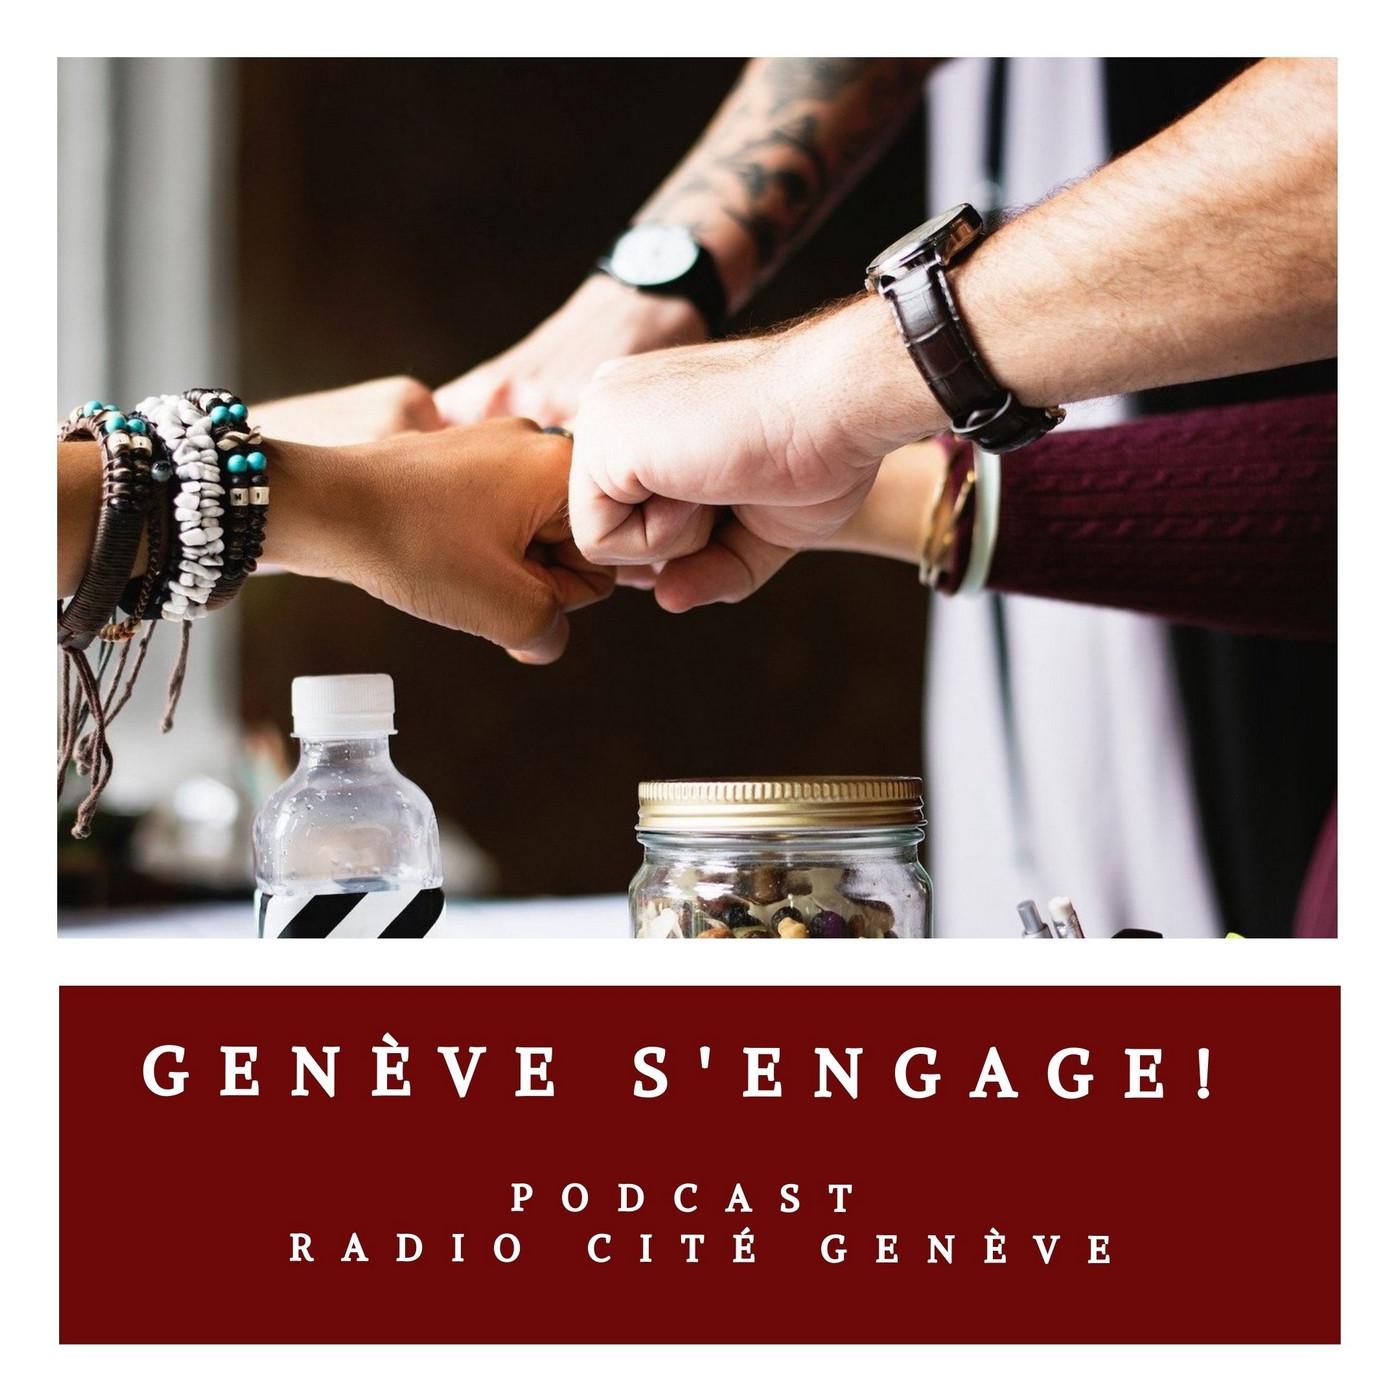 15/10/2020 - Genève s'engage pour la promotion de la littérature romande